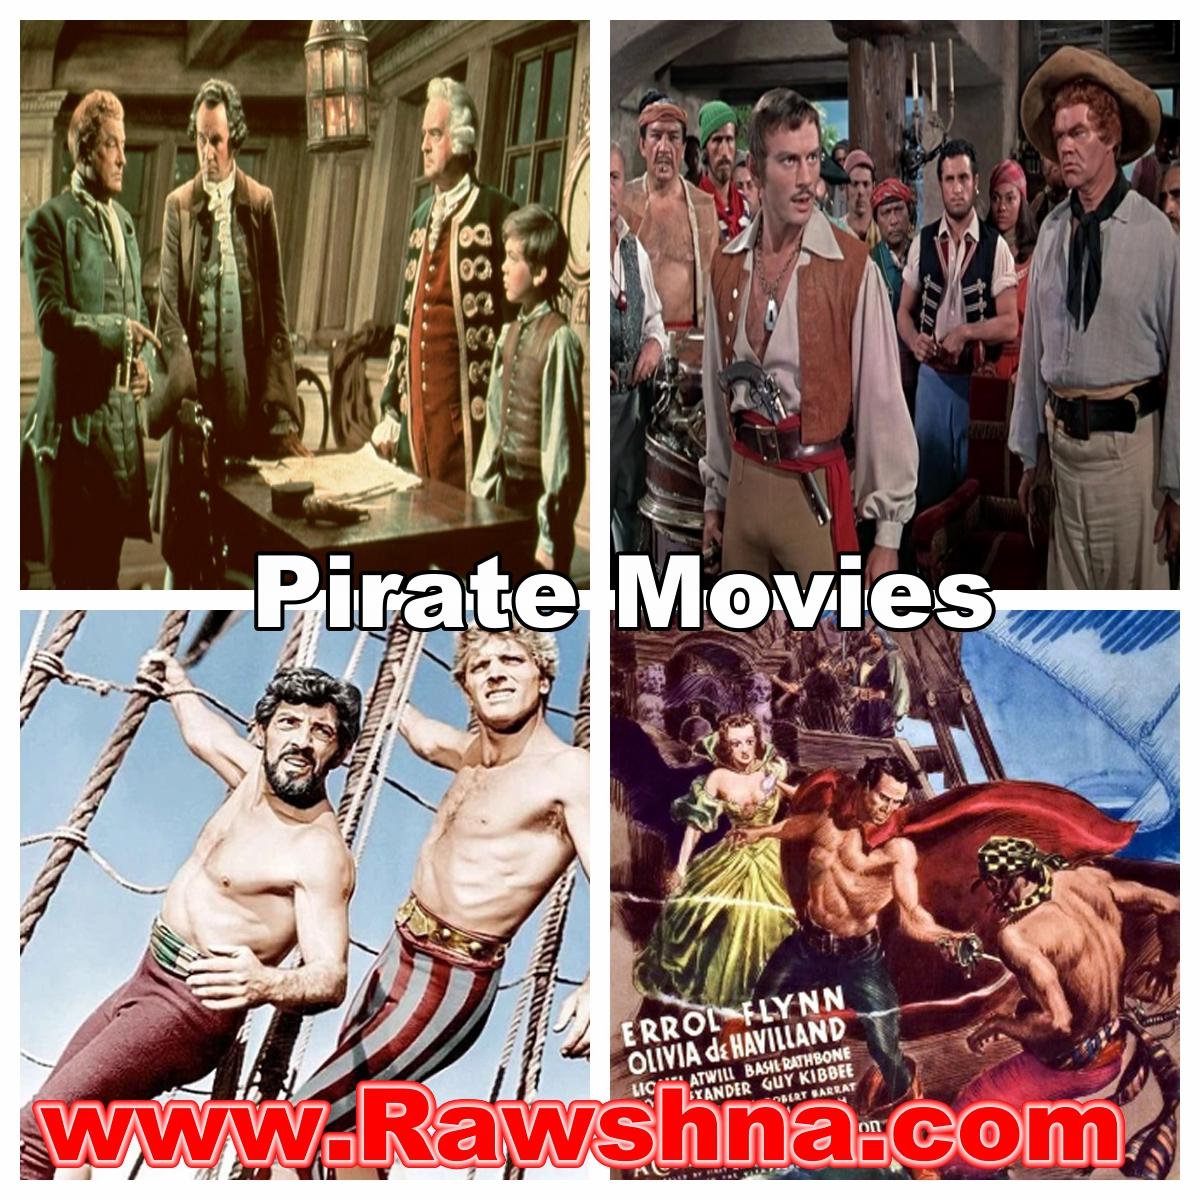 افضل افلام القراصنة على الإطلاق